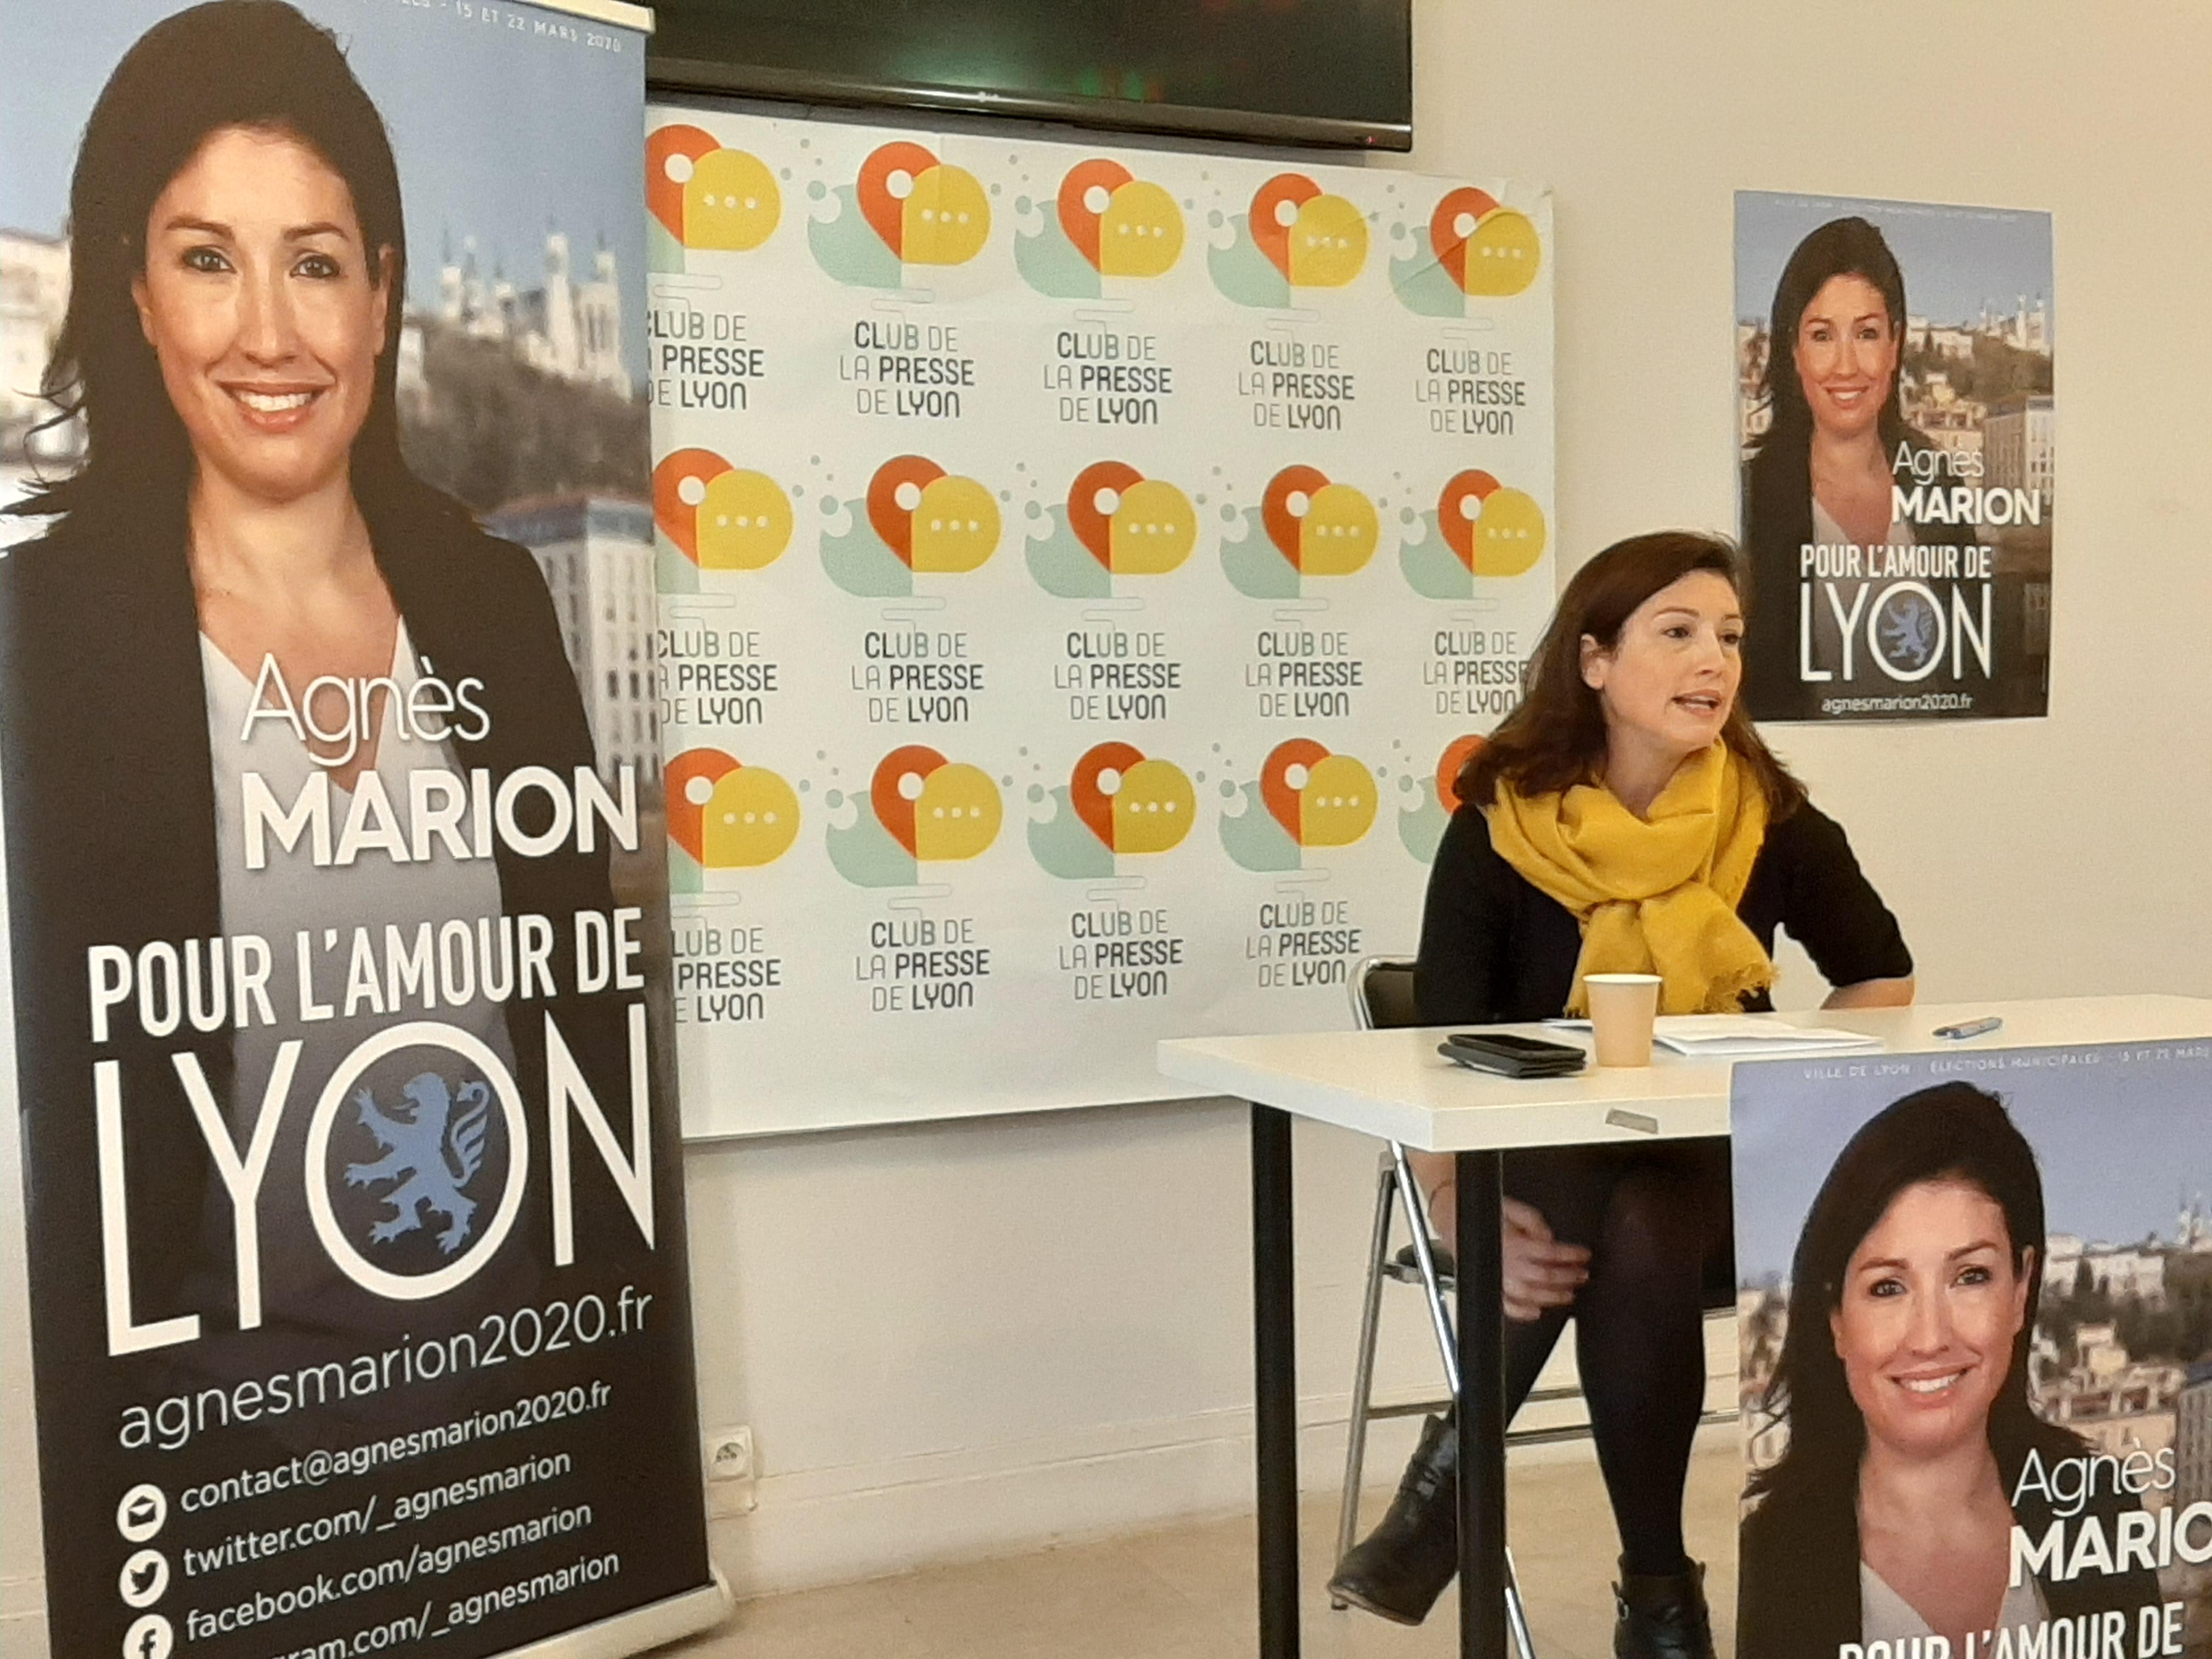 [Interview] Agnès Marion, candidate RN pour la Mairie centrale